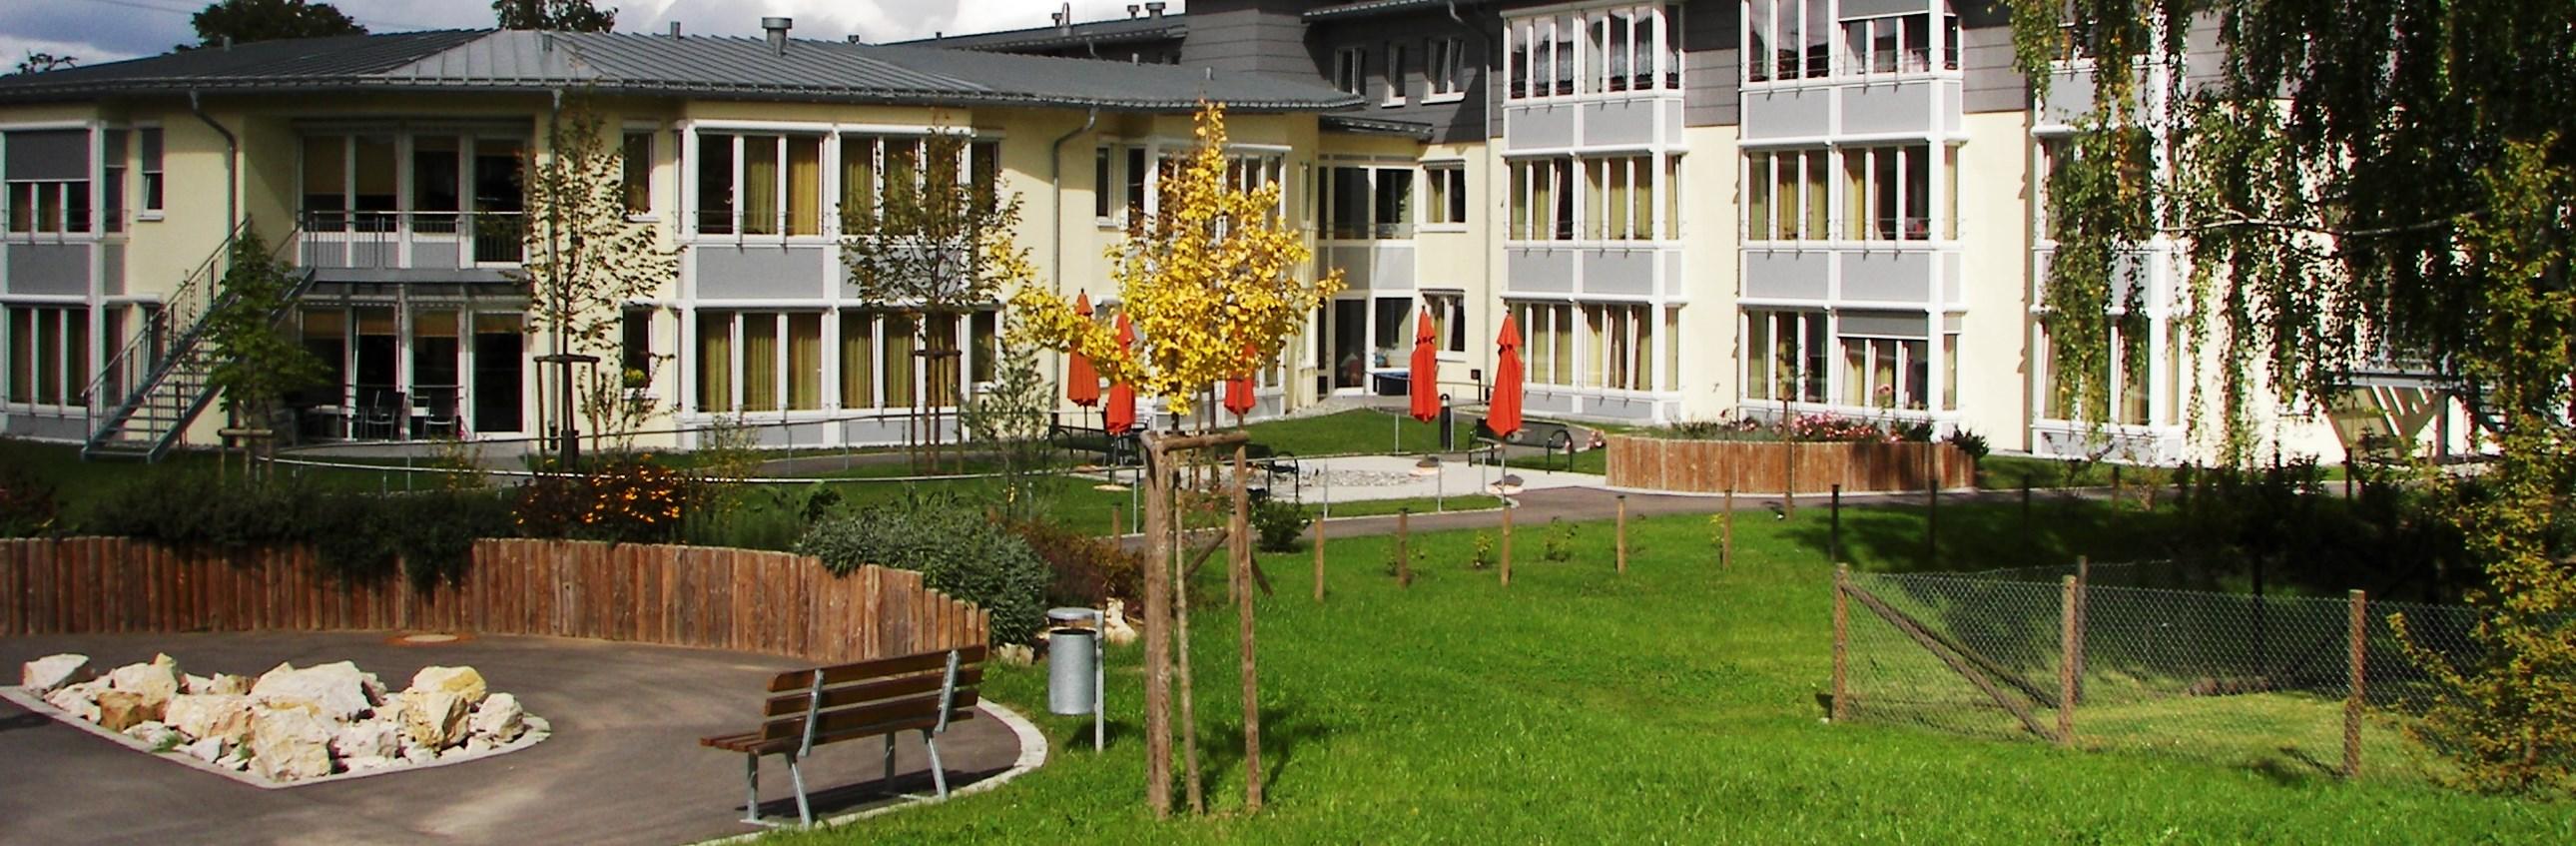 Haus Der Pflege Martinus Weil Im Schönbuch